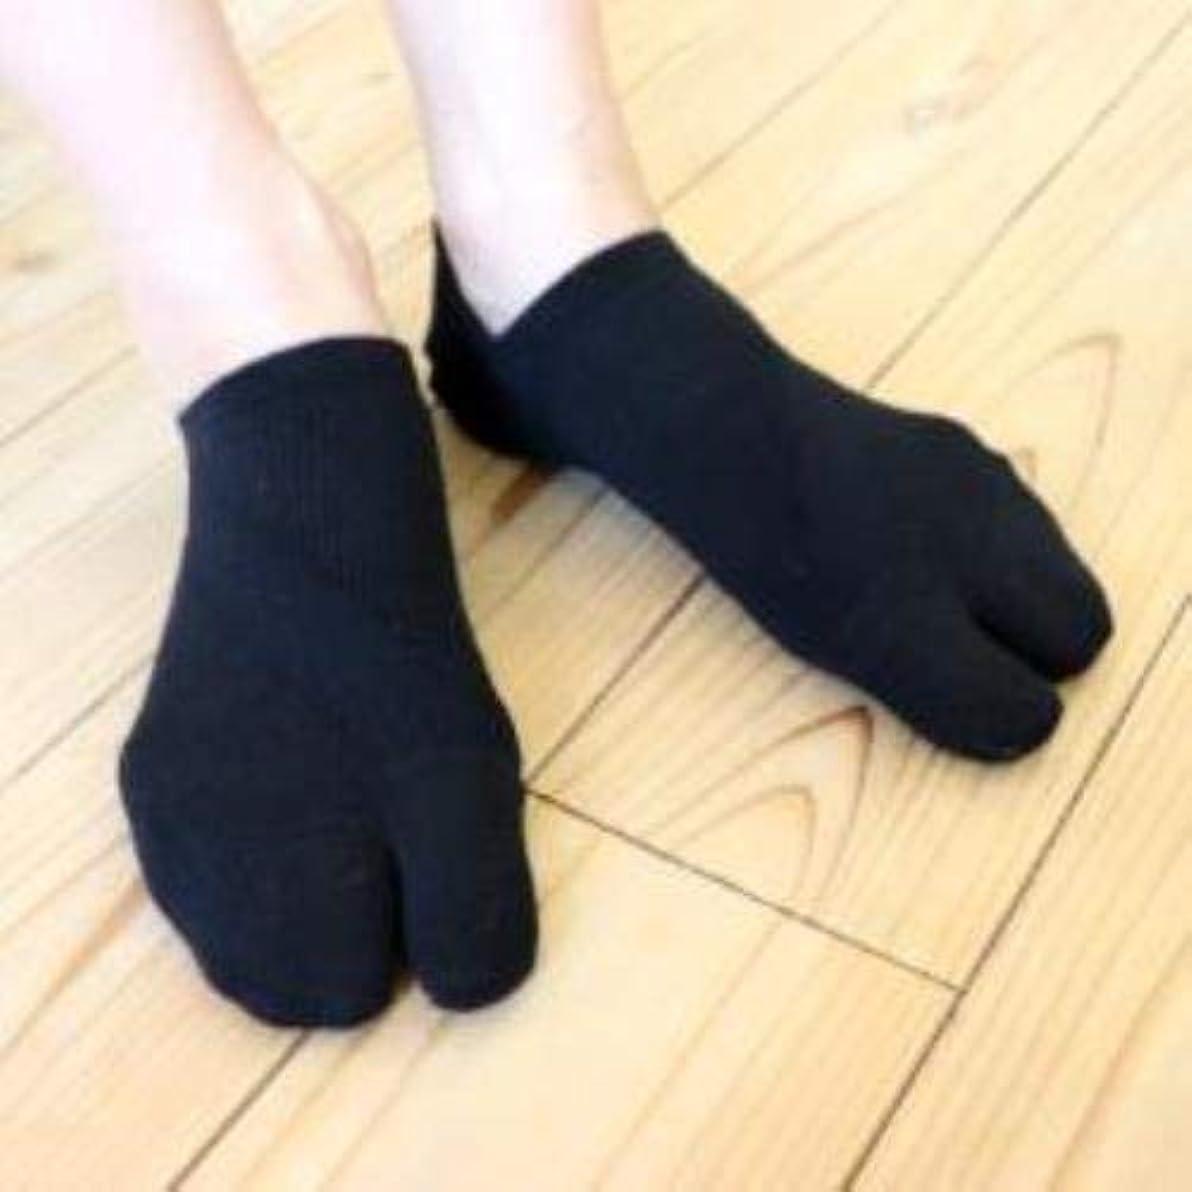 適合する固執十代の若者たちさとう式 フレクサーソックス スニーカータイプ 黒 (L) 足袋型